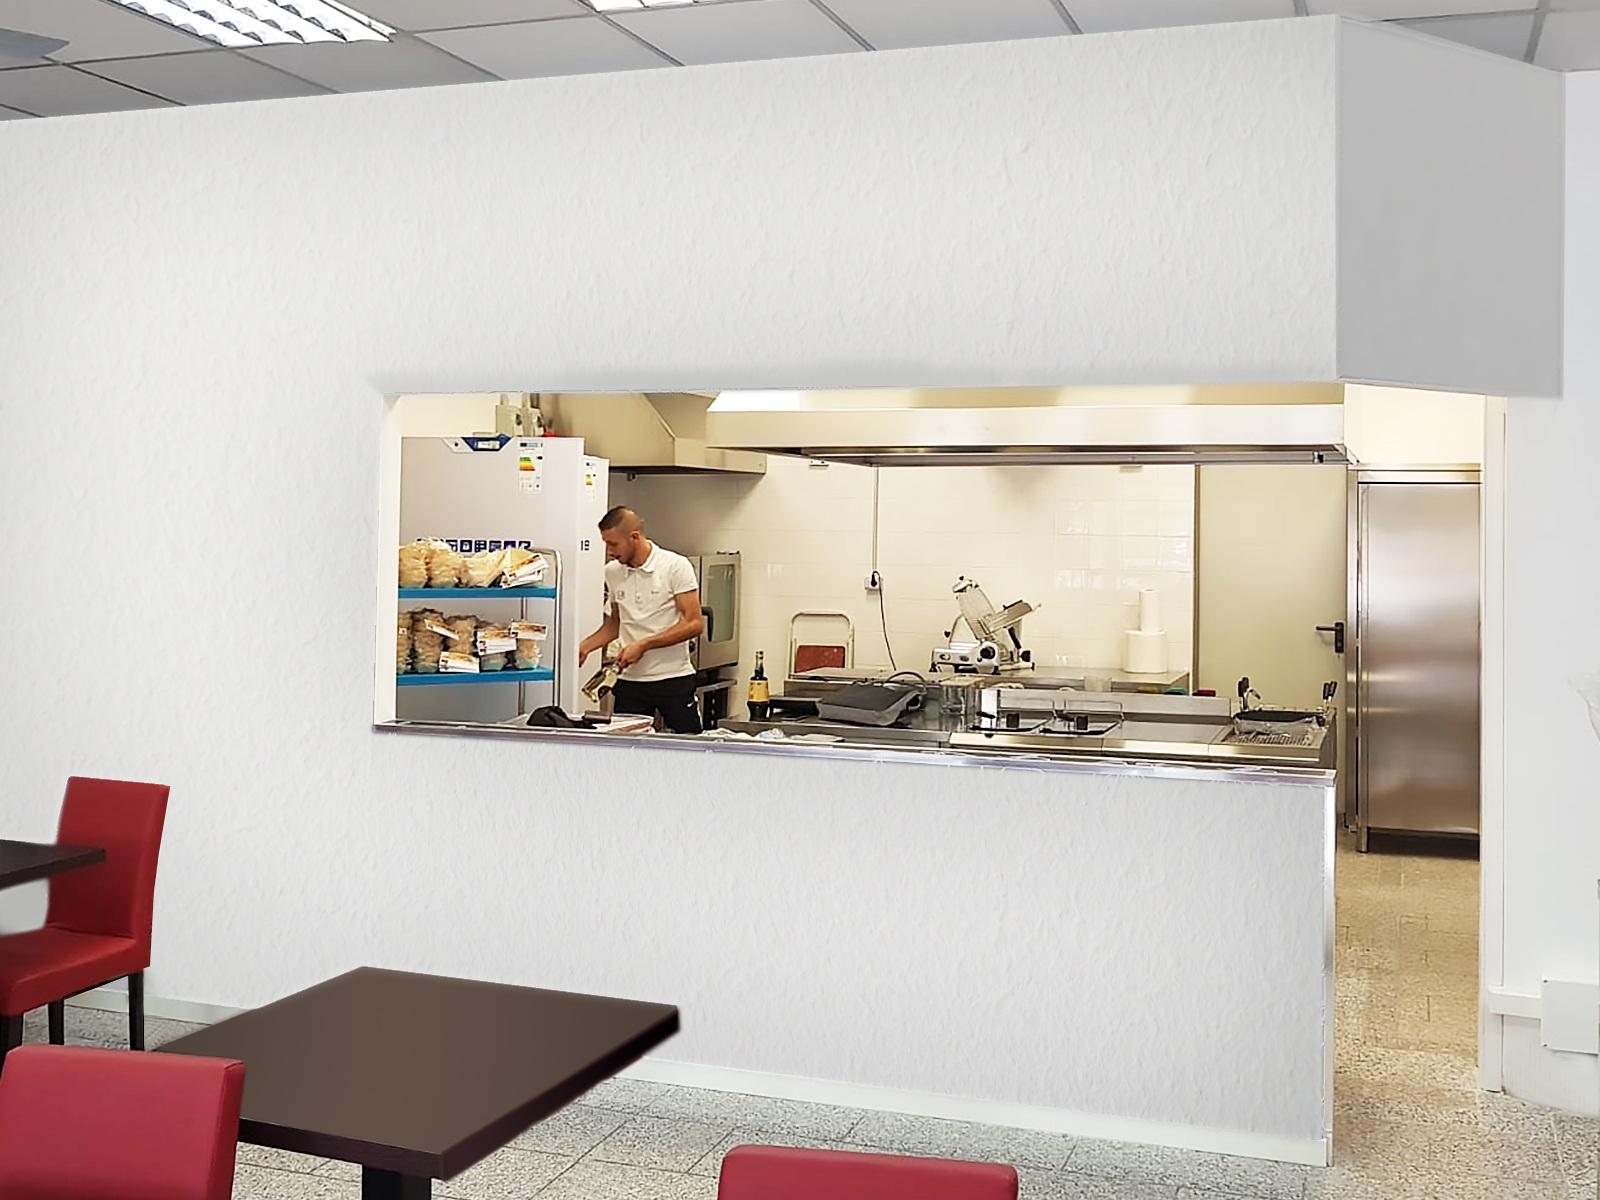 foto ristorante BEFORE